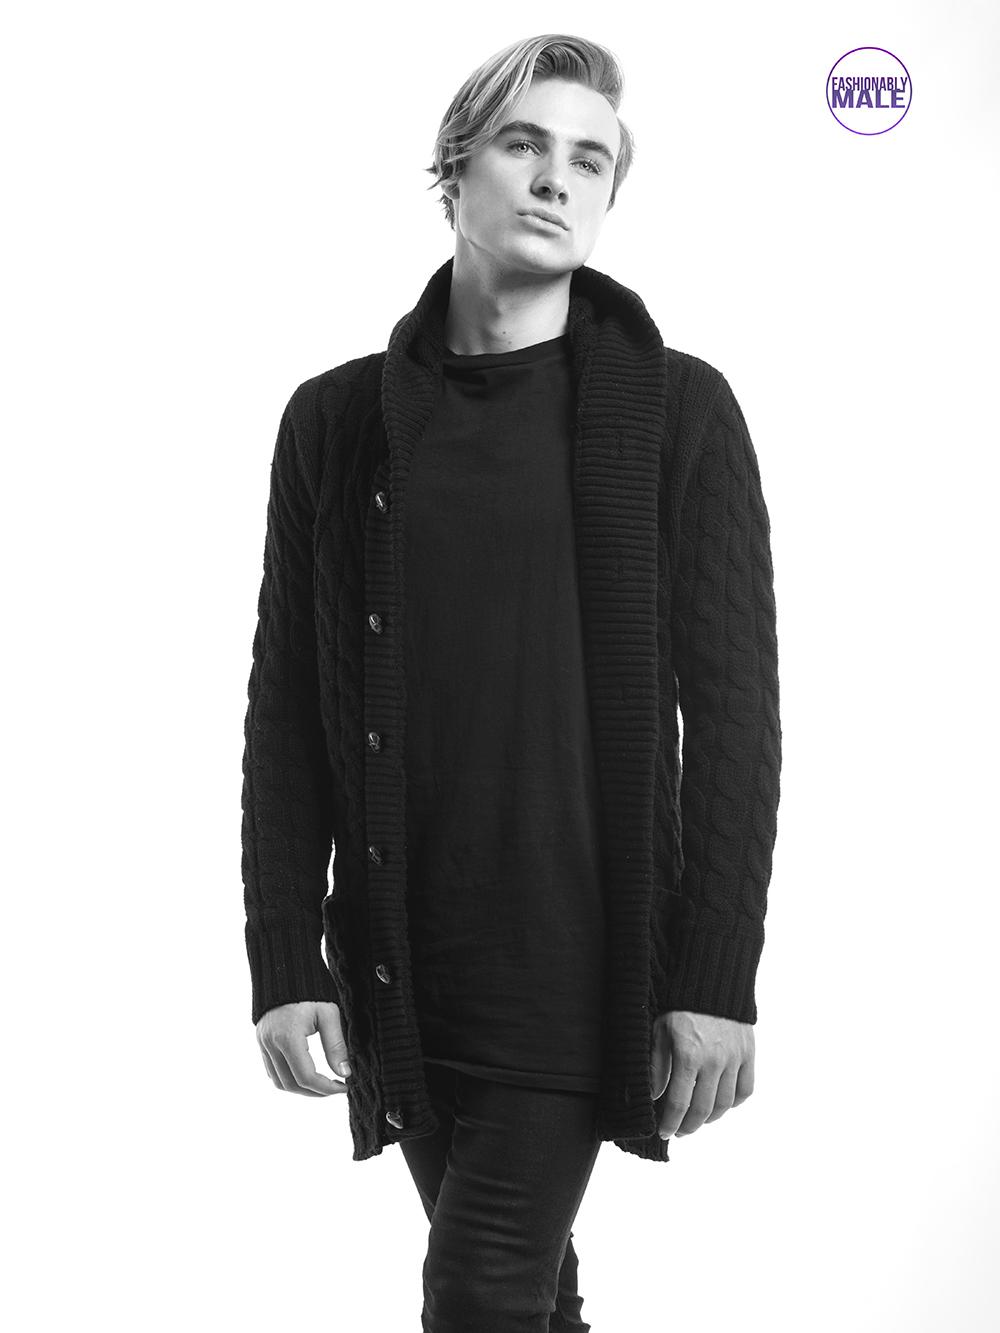 FashionablyMale ALEX CARRABRE (9)